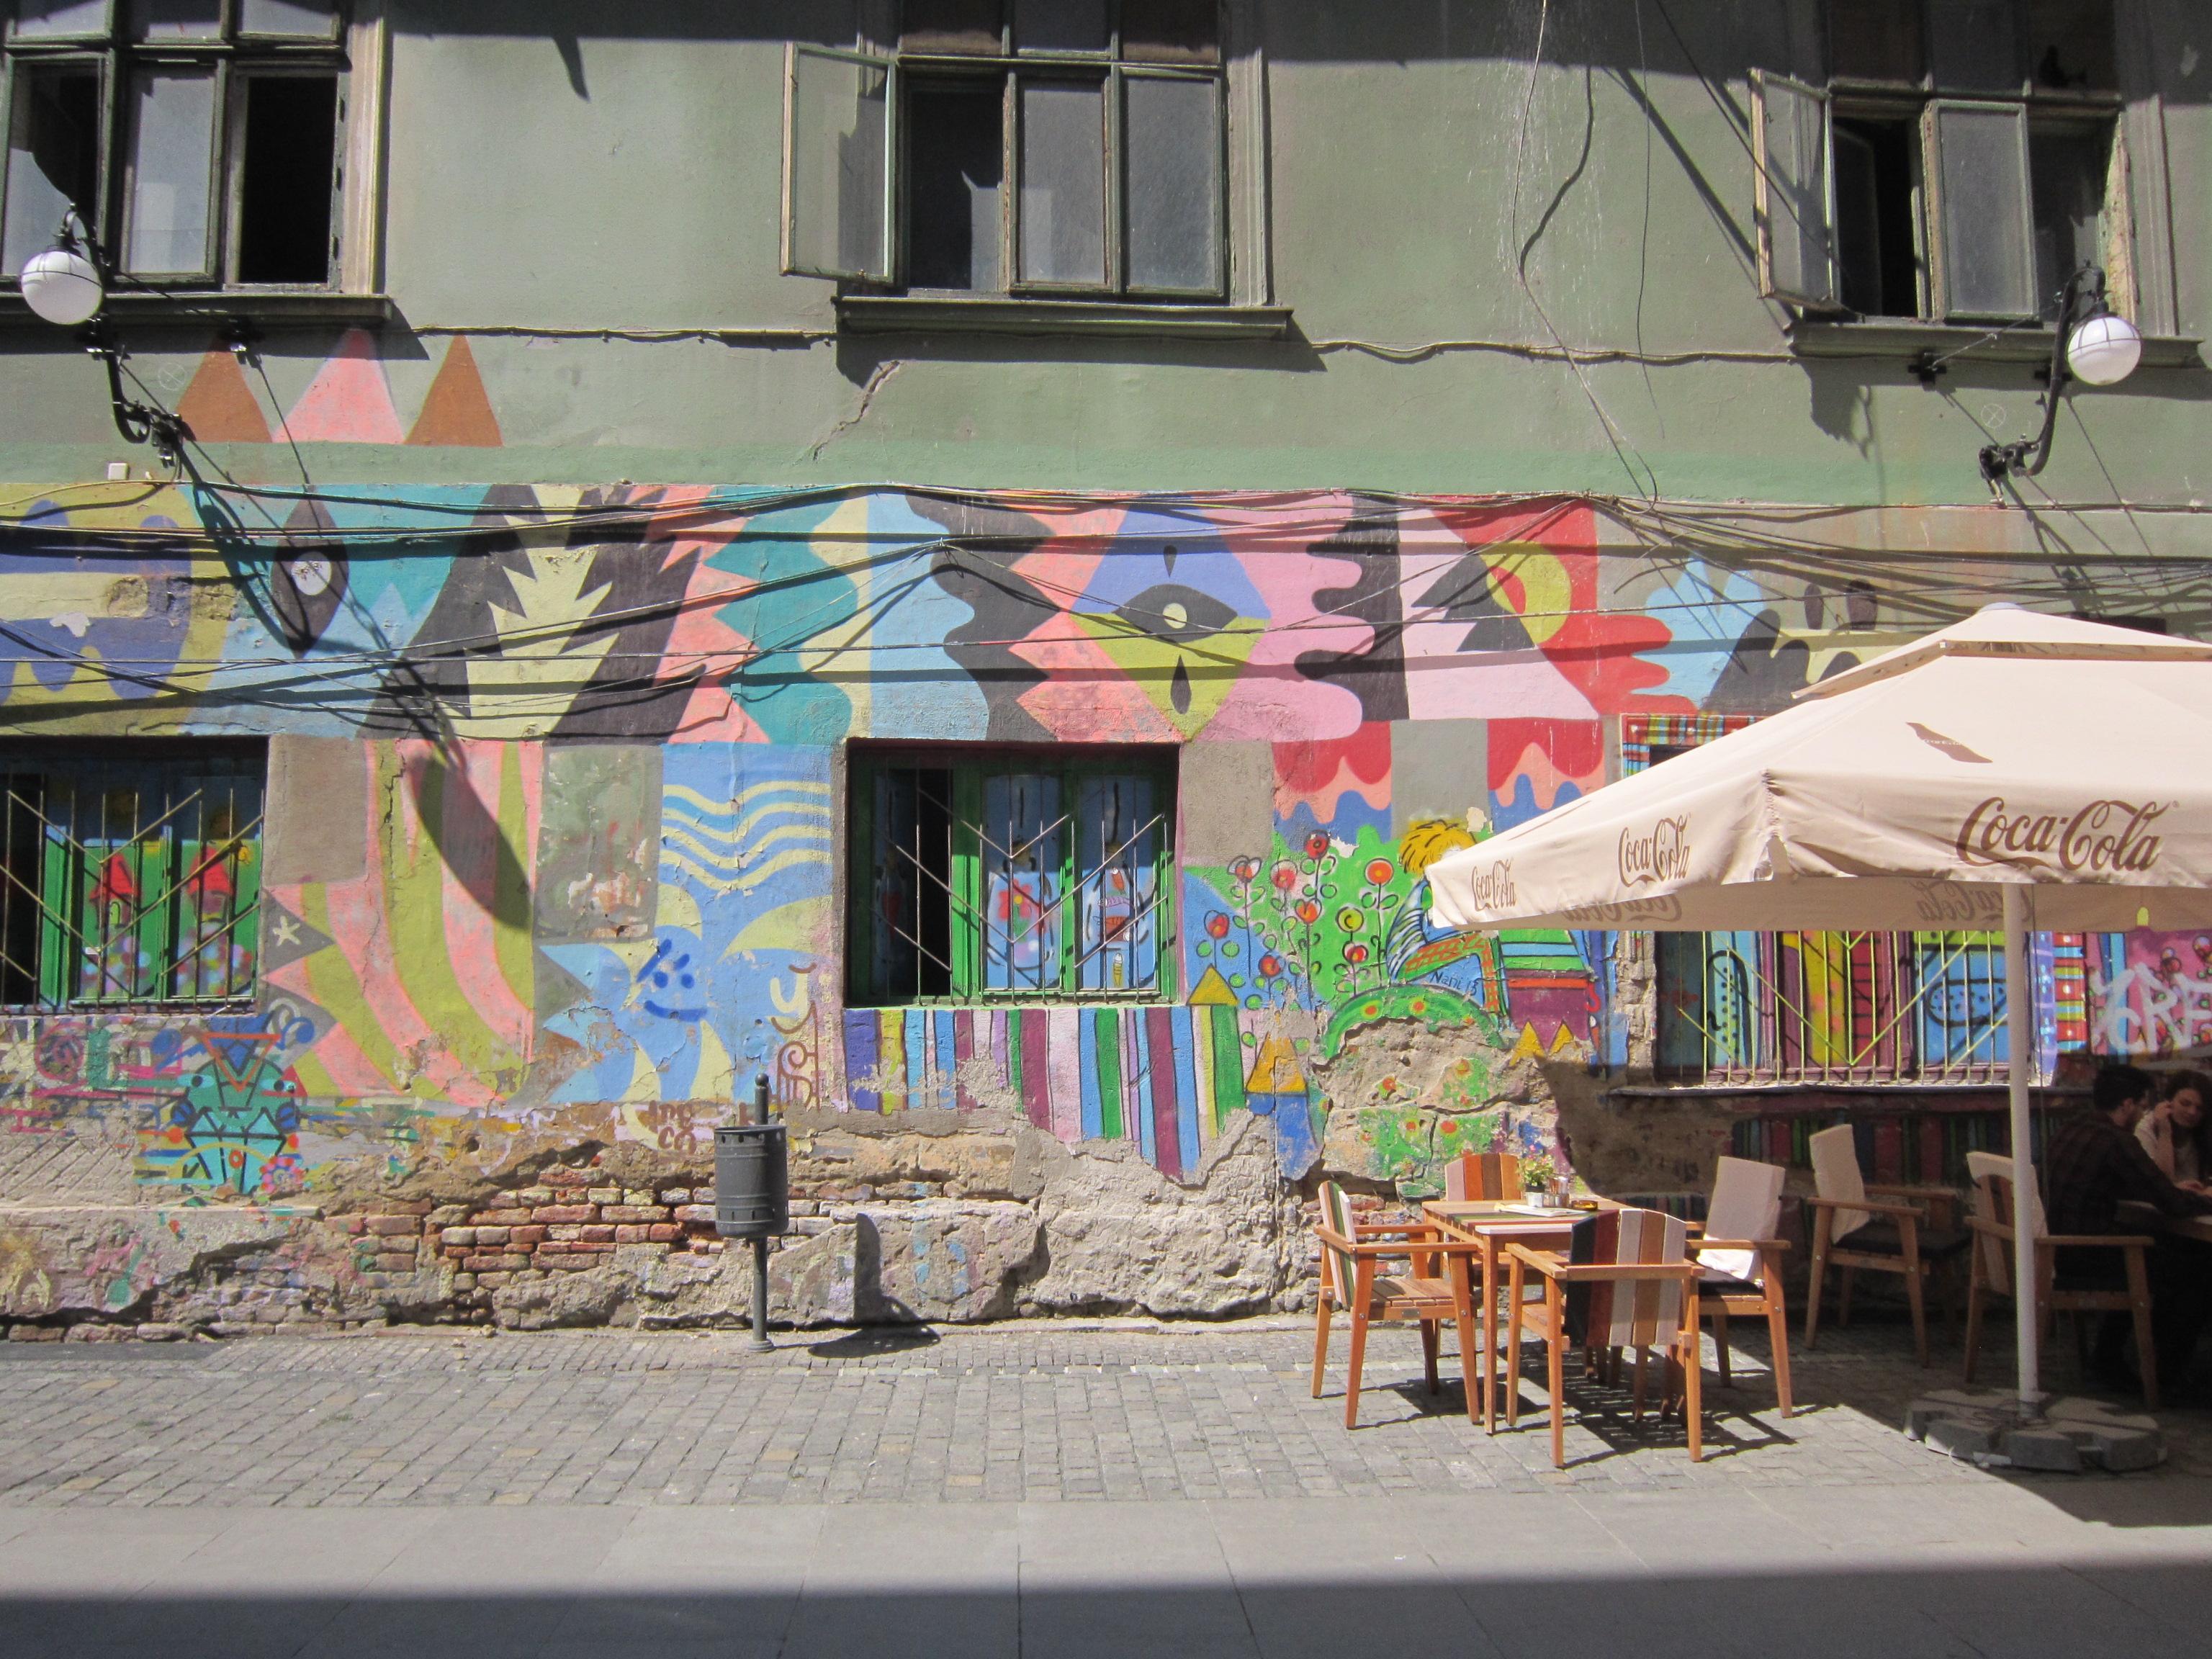 Roemenië Timisoara Siria platteland zomer zon zonnig stedentrip zomervakantie citytrip bezienswaardigheden